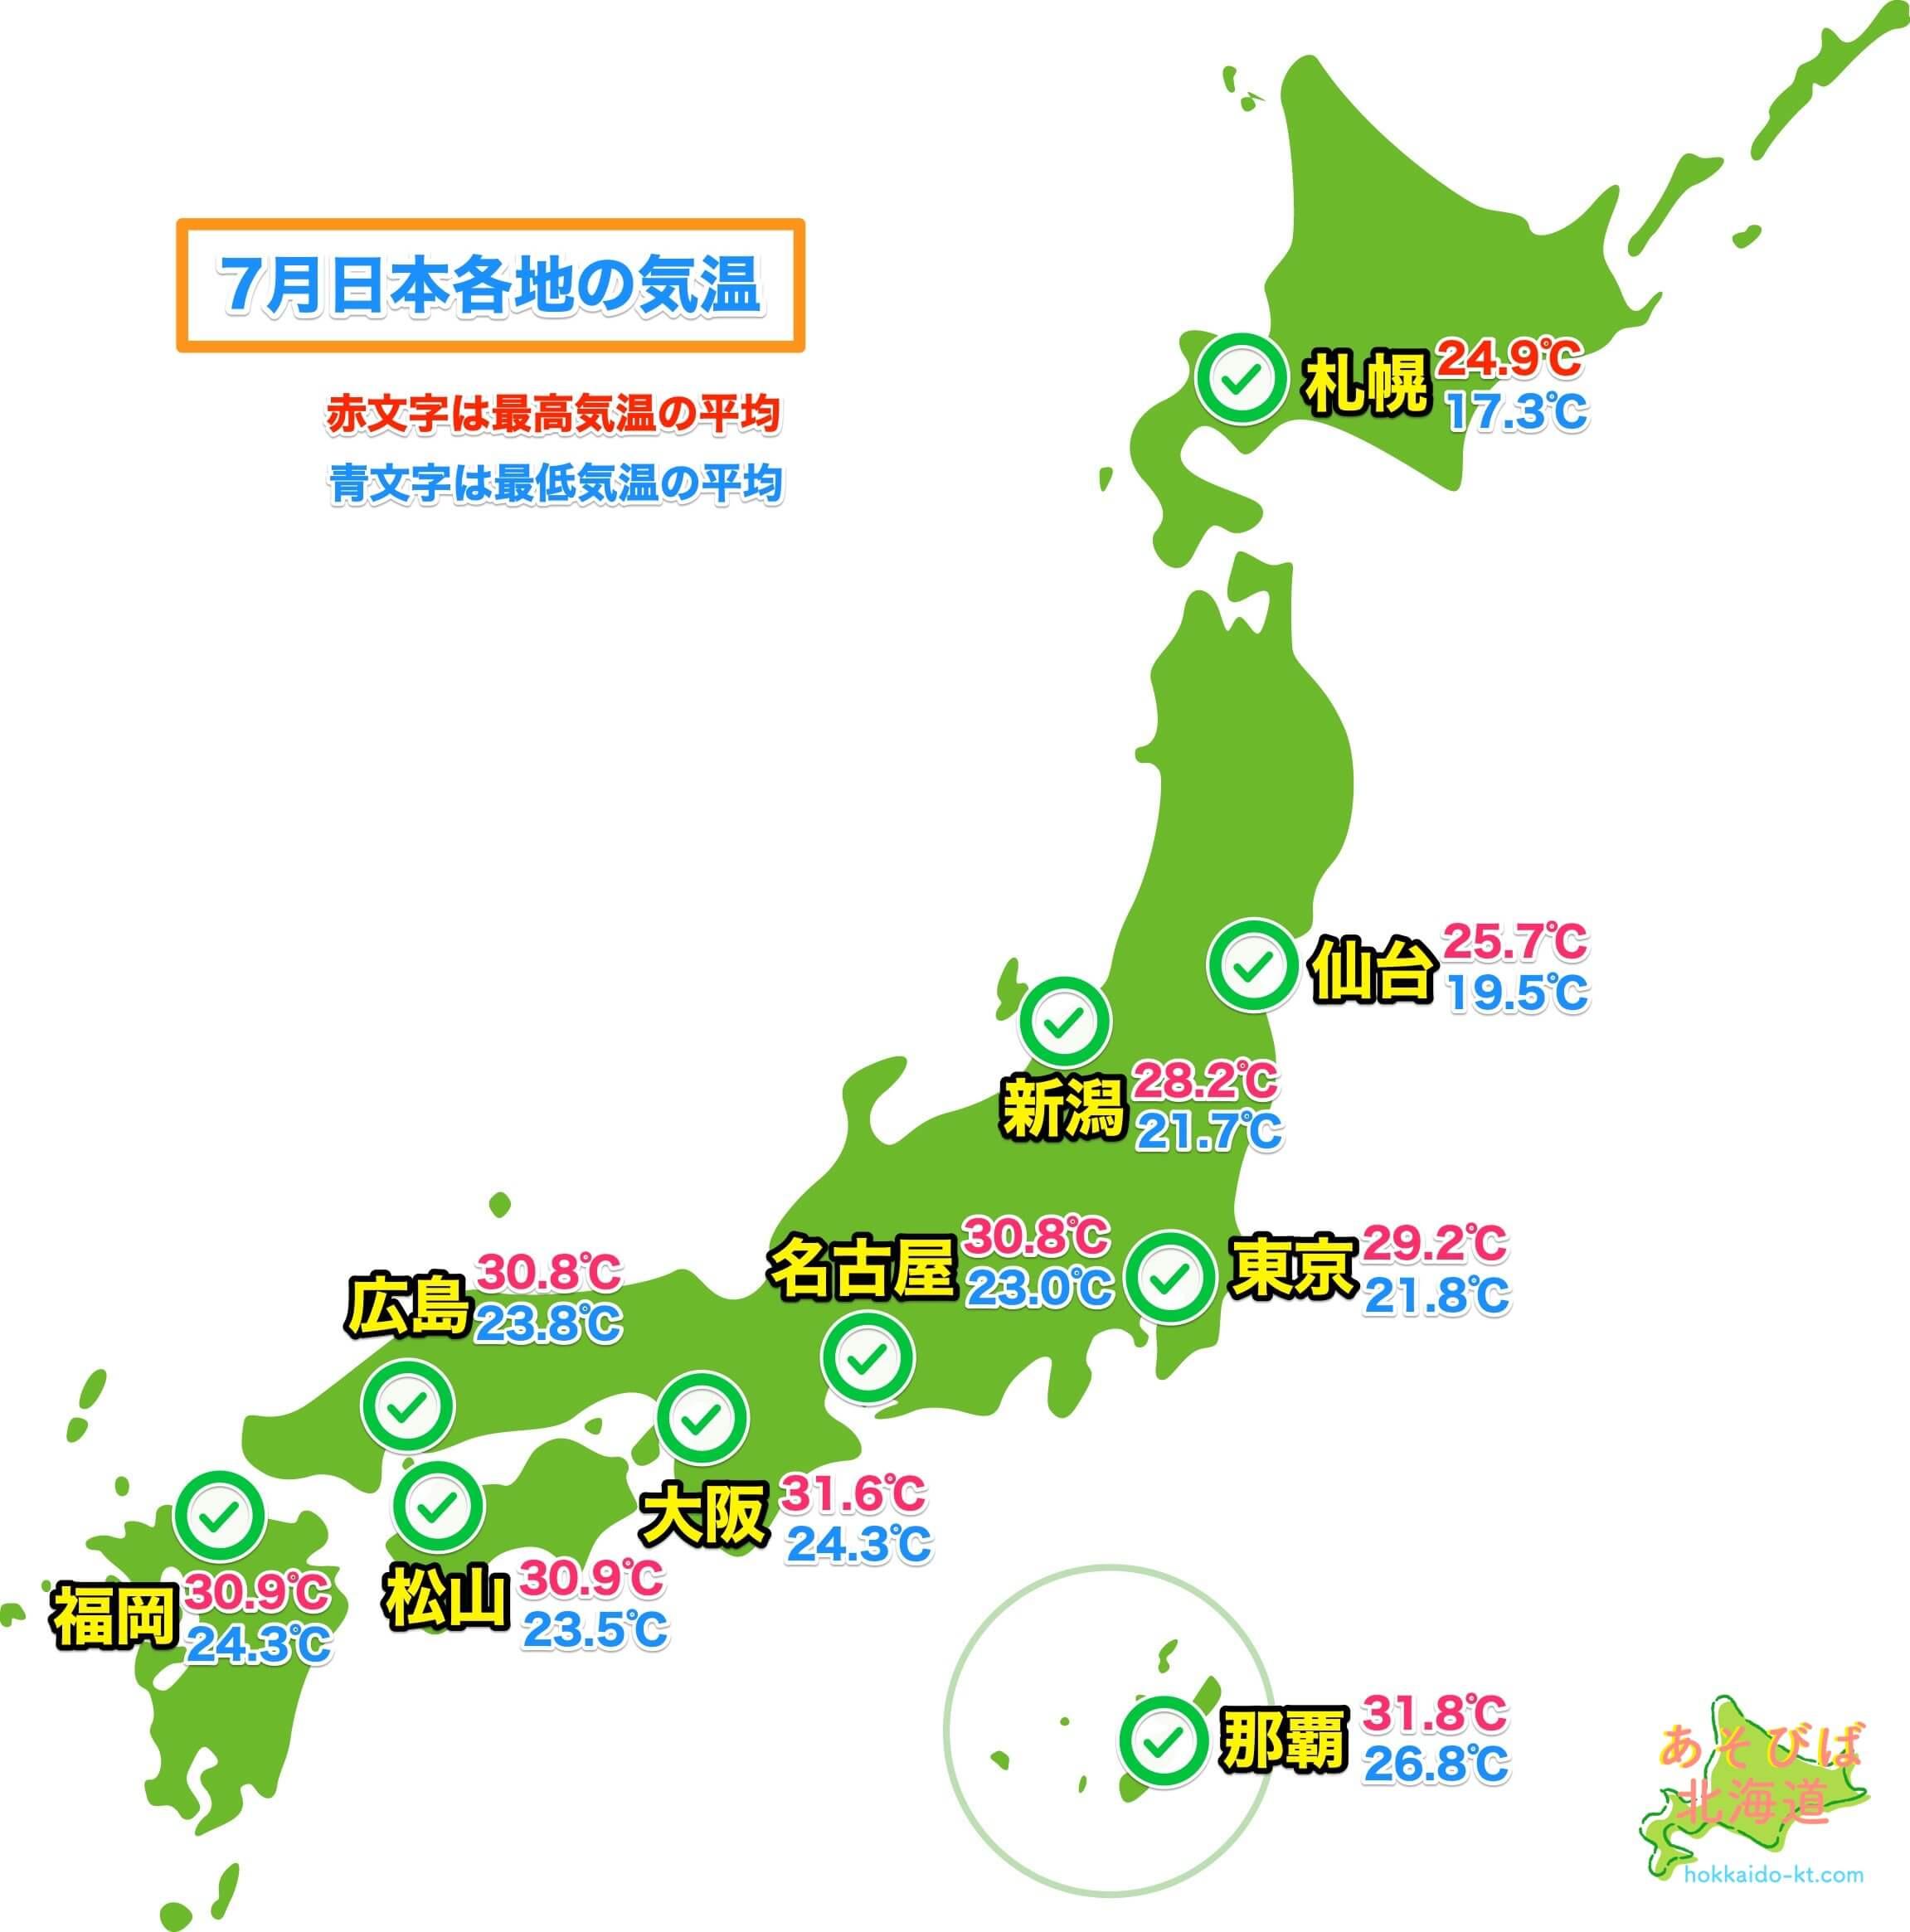 7月の日本各地の気温